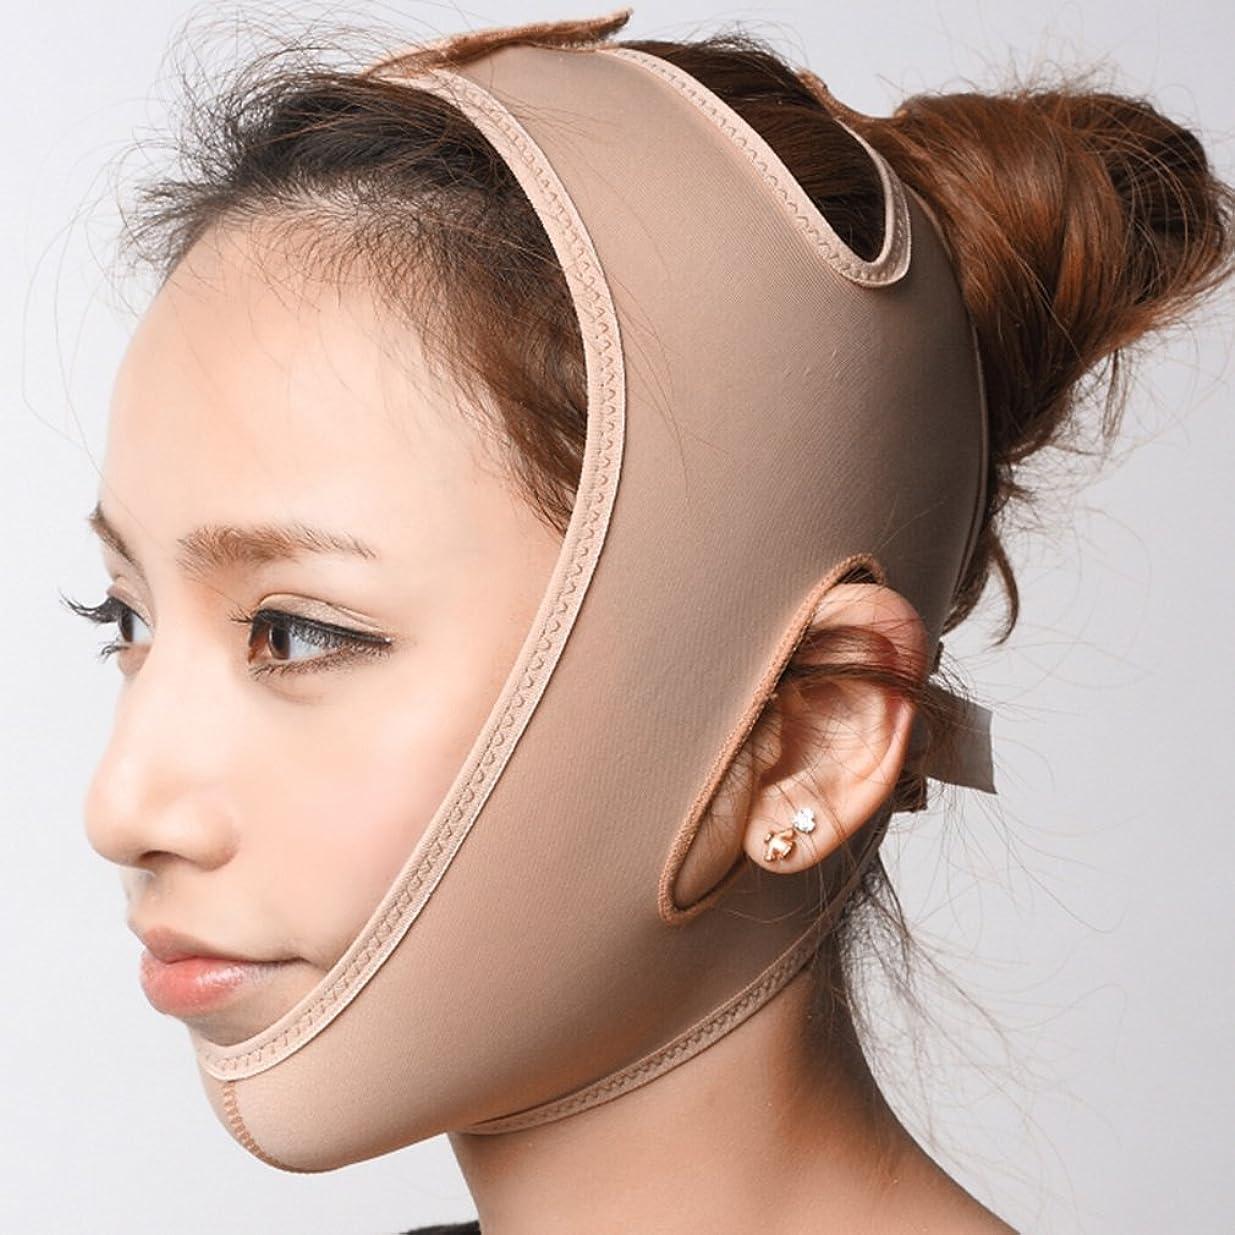 提供きしむお金フェイスマスク 引き上げマスク フェイスラインベルト 小顔マスク 小顔ベルト 頬のたるみ 美容顔マスク 矯正 顔痩せ 額、顎下、頬リフトアップ Mサイズ